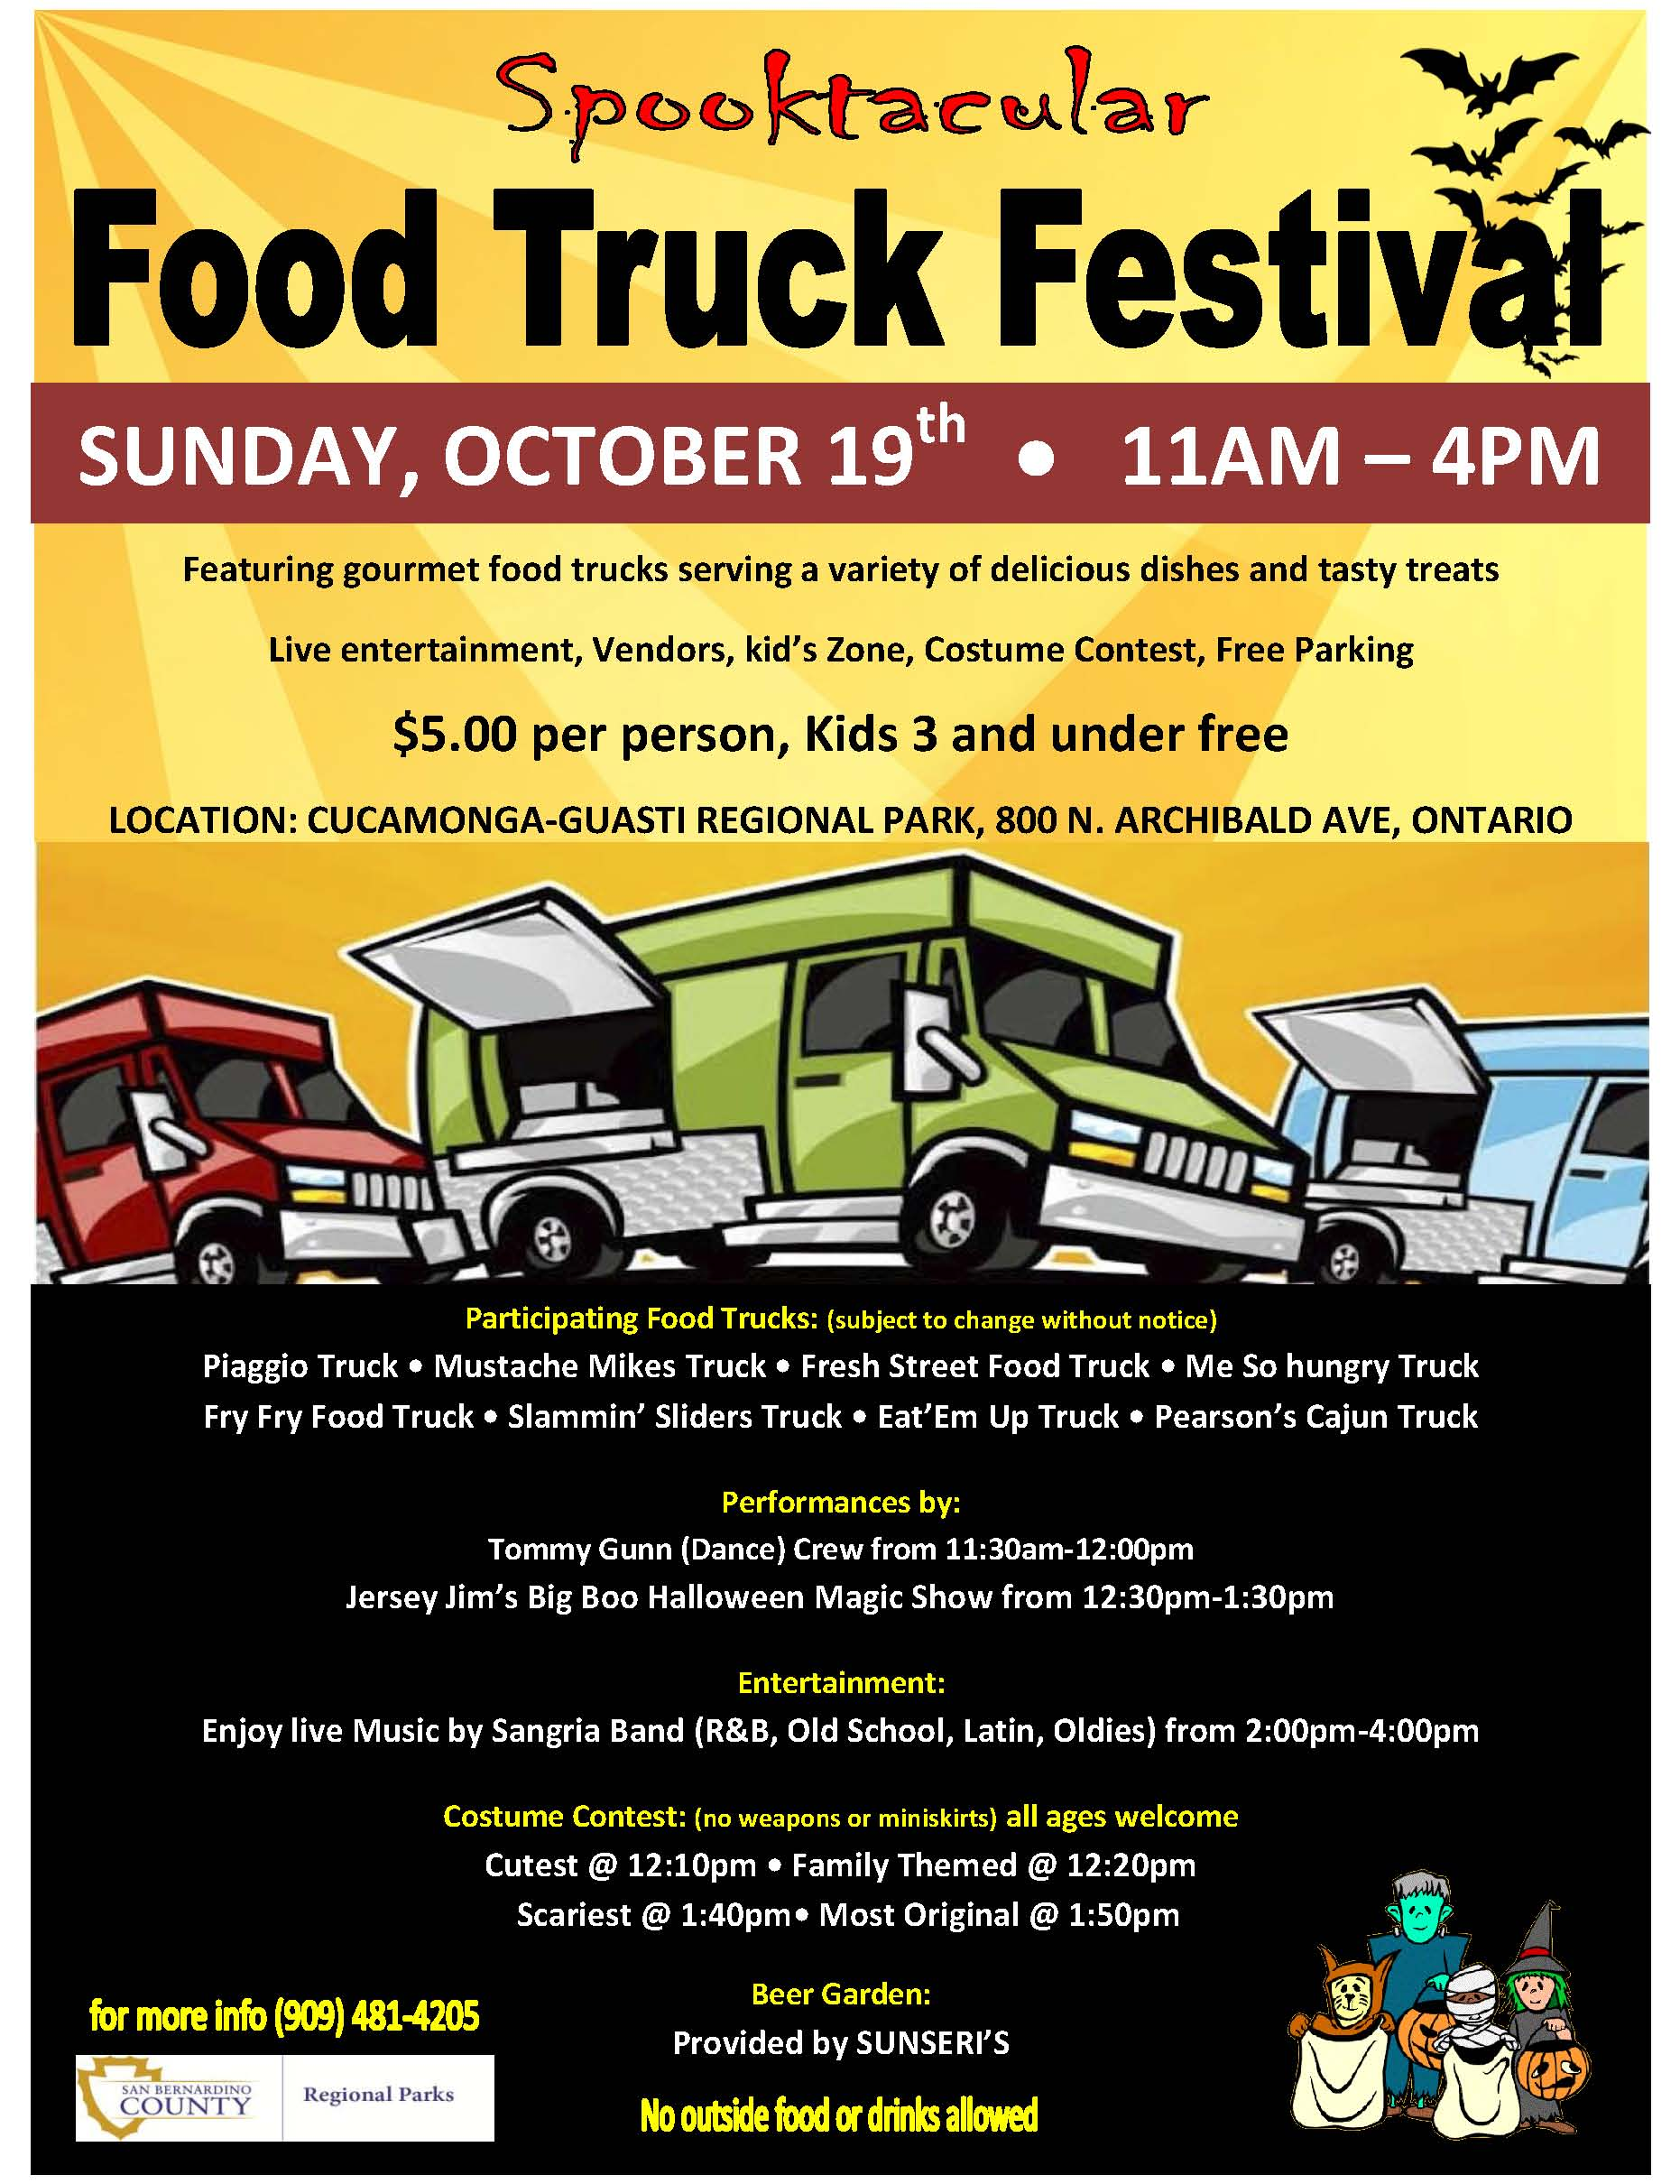 Food Truck_Flyer_Oct